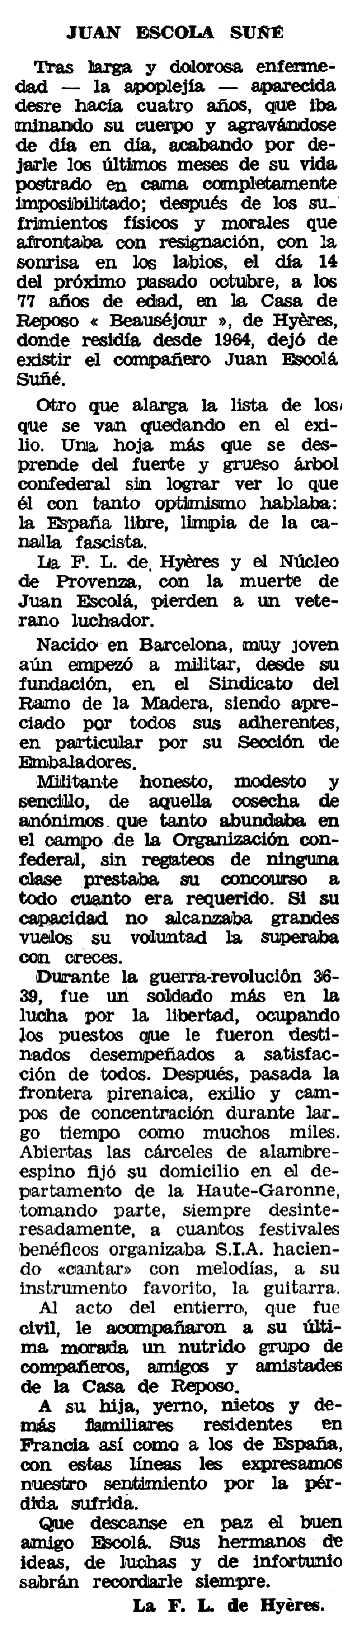 """Necrològica de Joan Escolà Suñé apareguda en el periòdic tolosà """"Espoir"""" del 29 de novembre de 1970"""